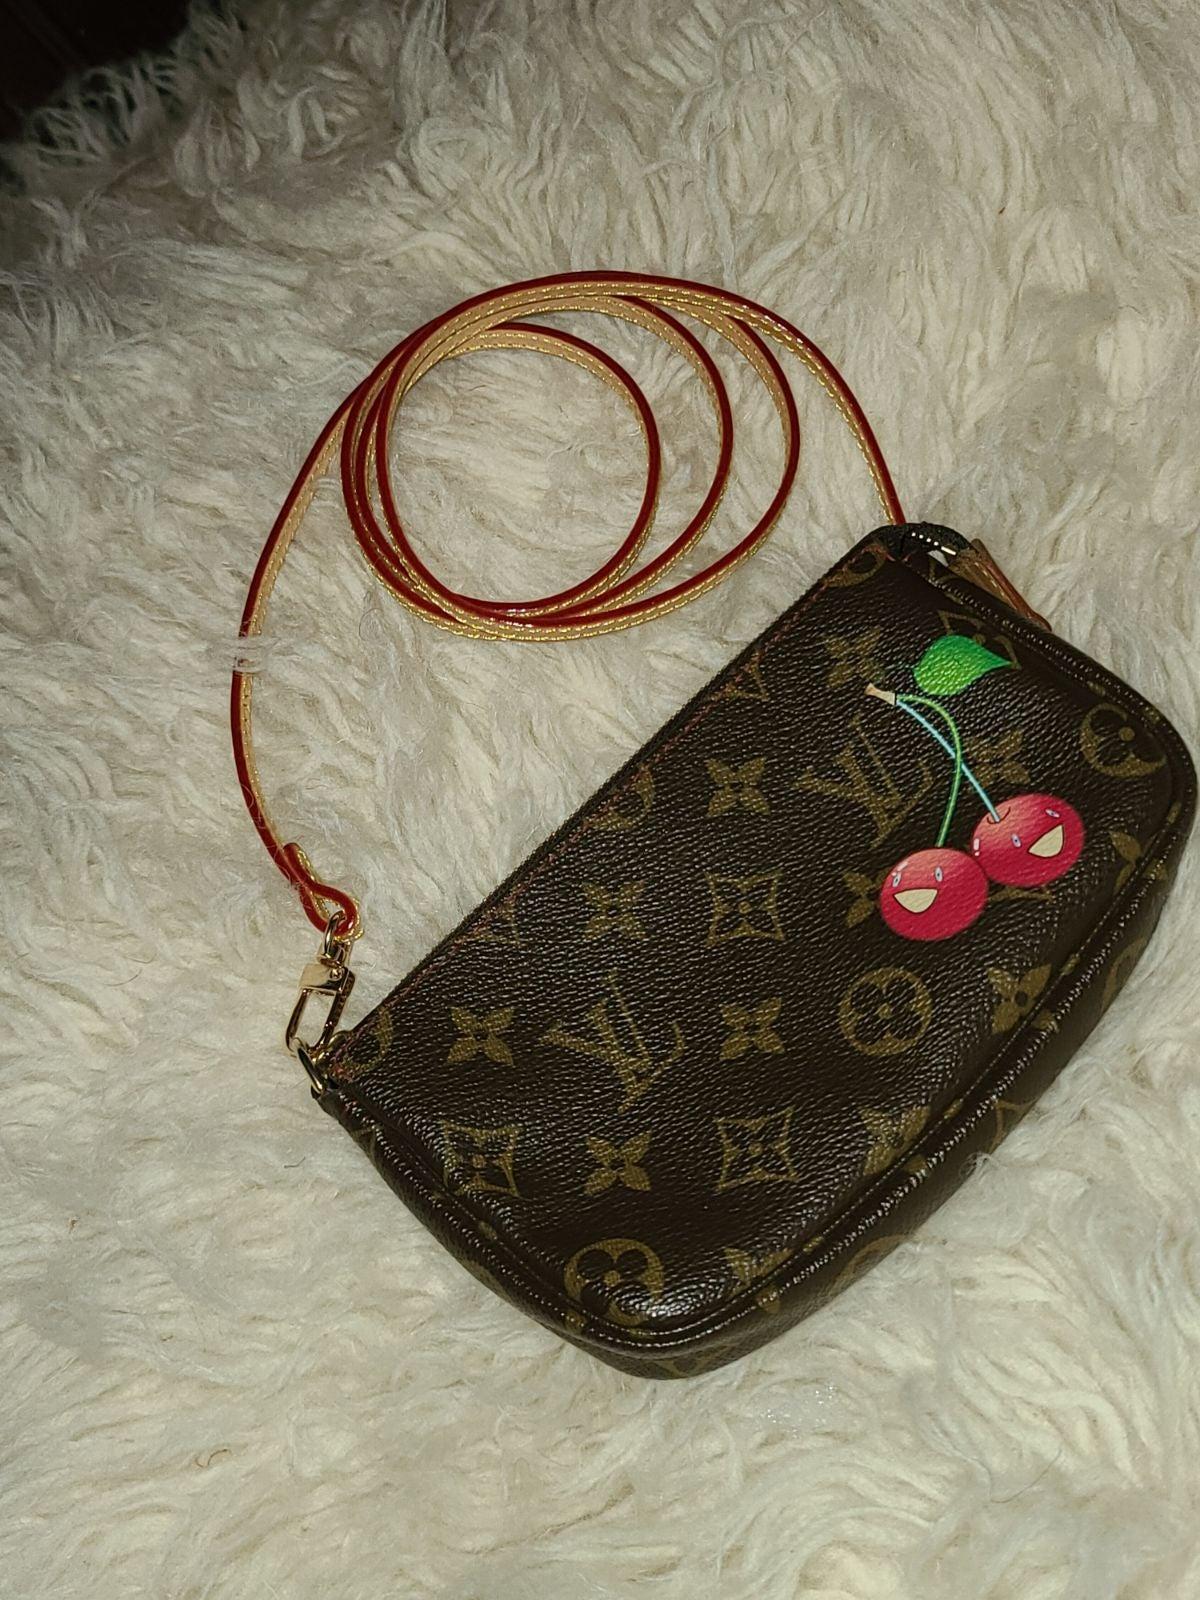 Louis Vuitton Cerise Pochette